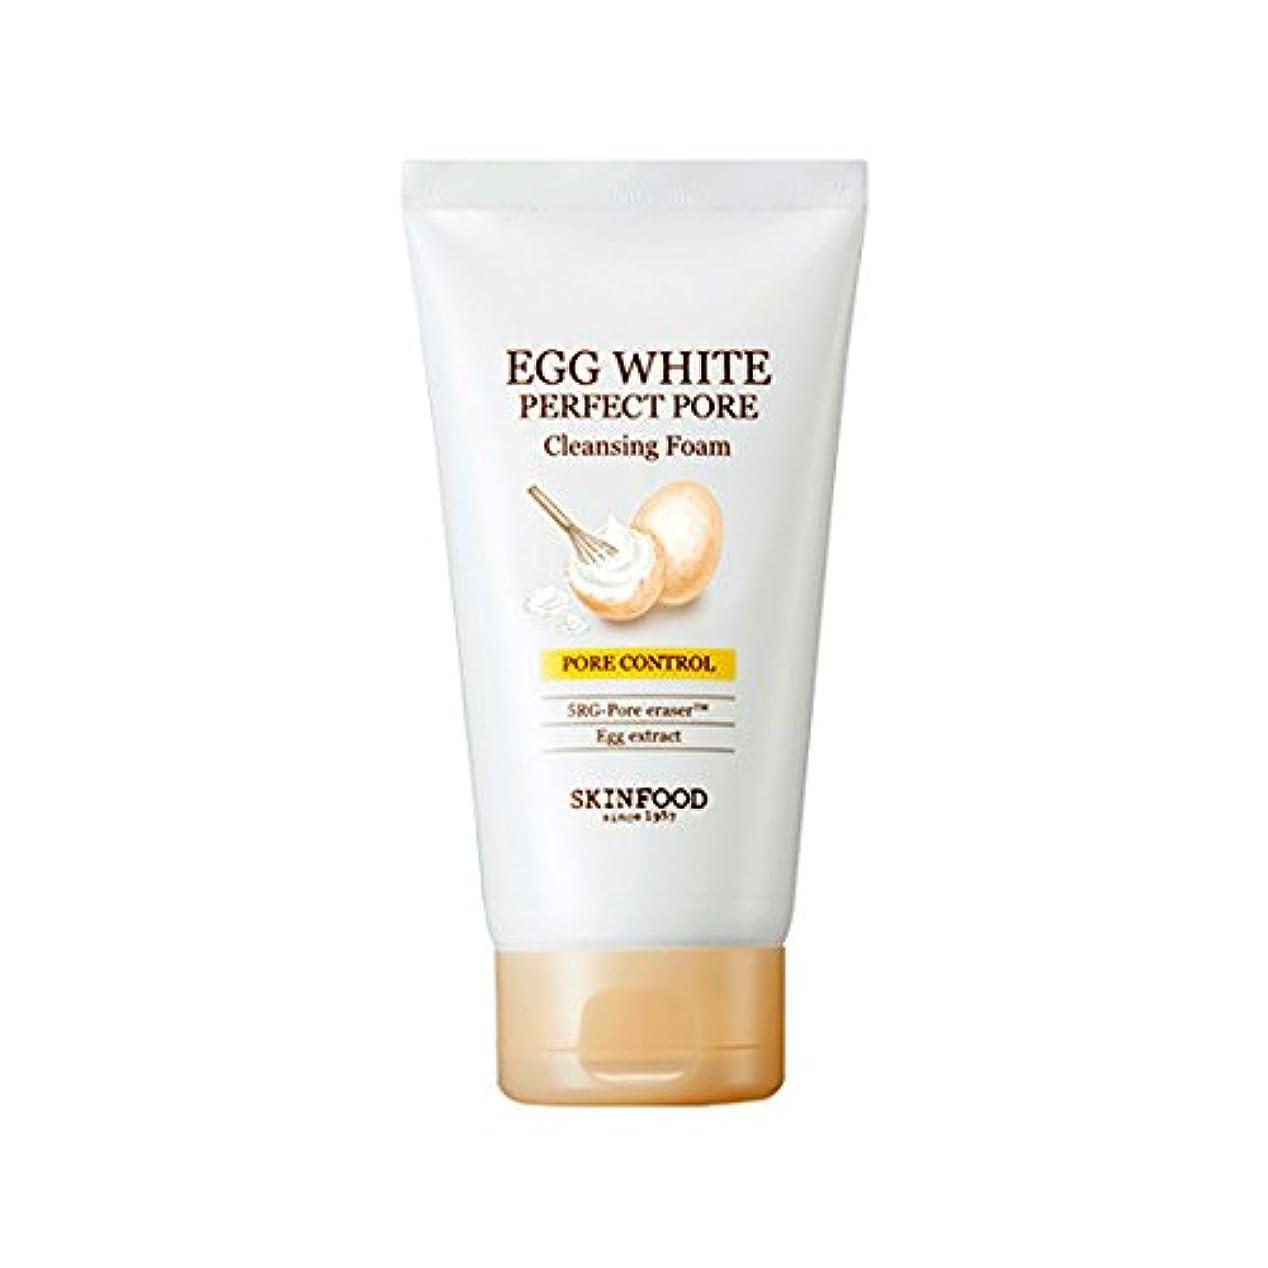 シュート金属不屈[2017 New] SKINFOOD Egg White Perfect Pore Cleansing Foam 150ml/スキンフード エッグ ホワイト パーフェクト ポア クレンジング フォーム 150ml [並行輸入品]